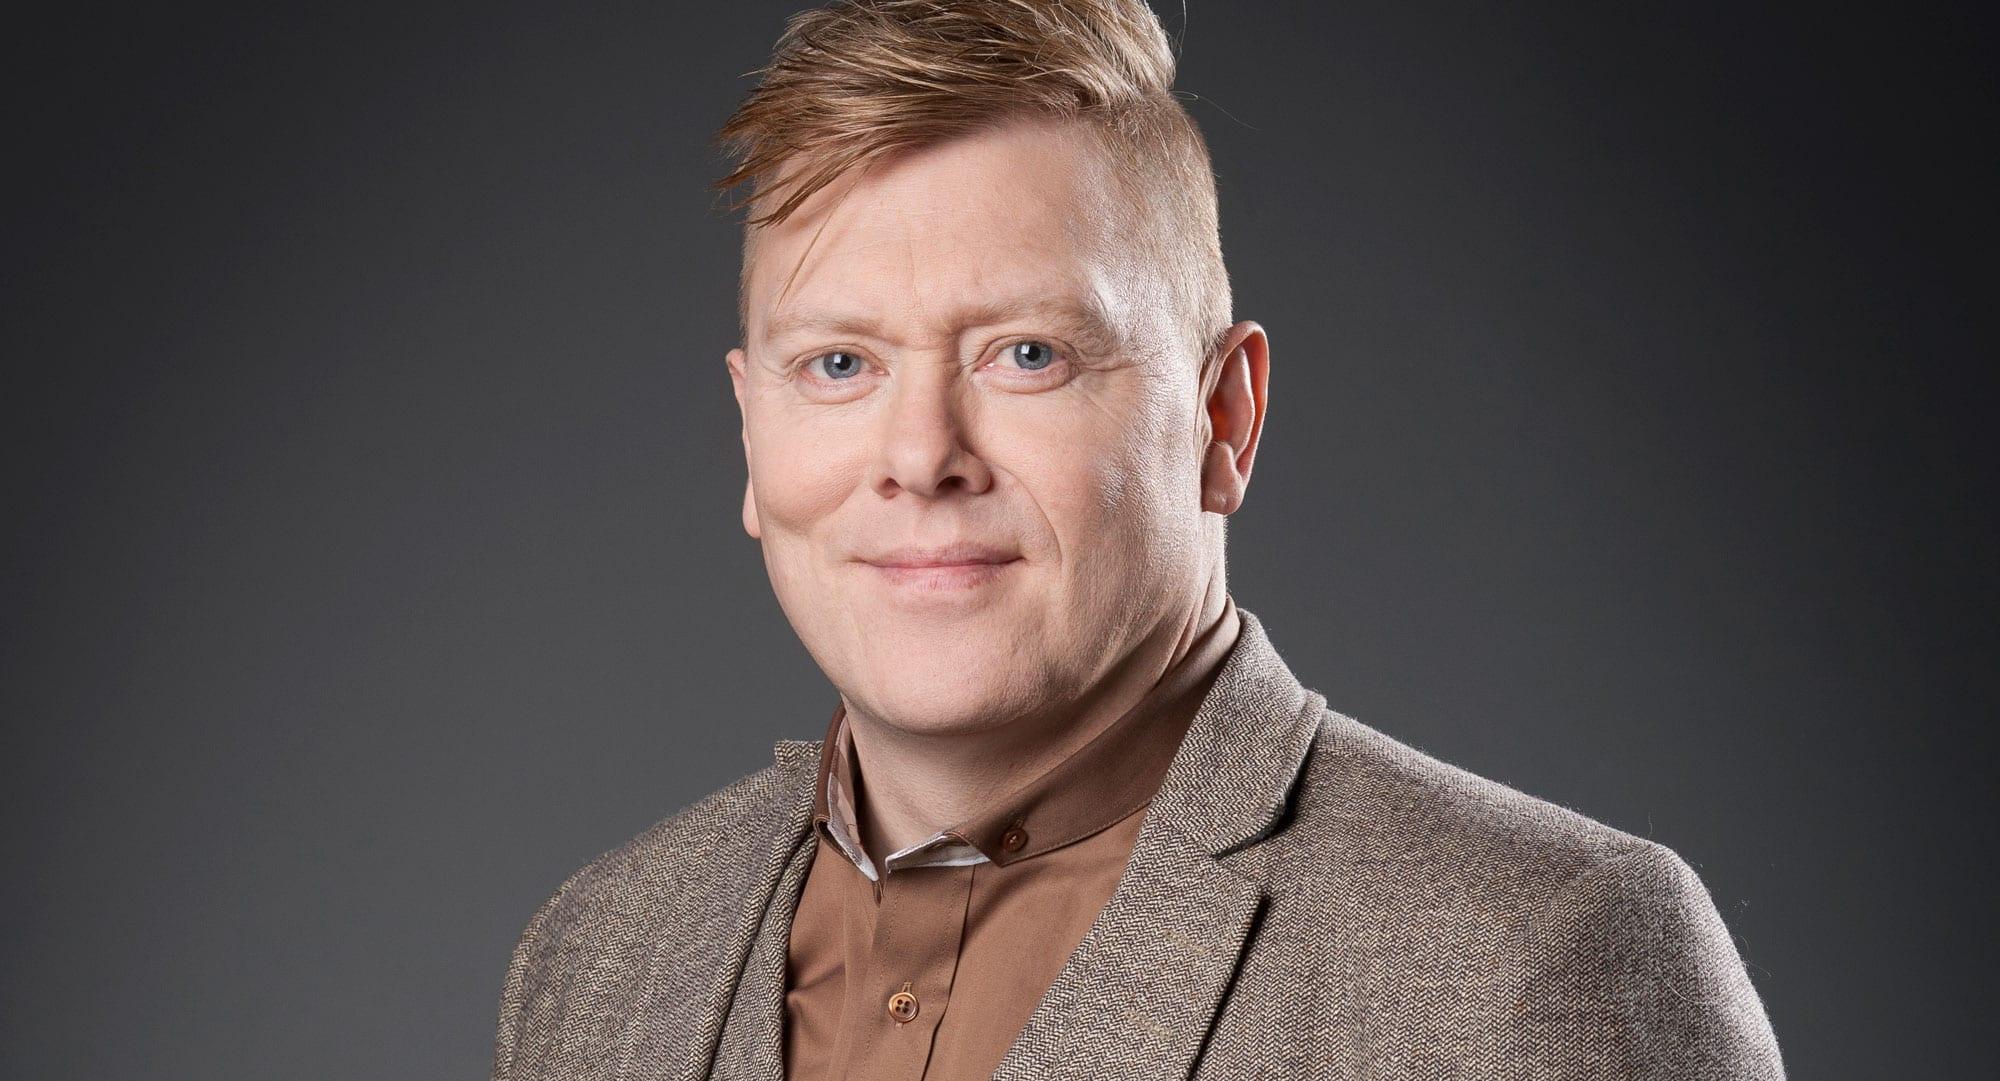 """Jón Gnarr líkir Facebook-fríinu við að vera á sérstöku mataræði: """"Svipað og vera ekki með farsíma"""""""